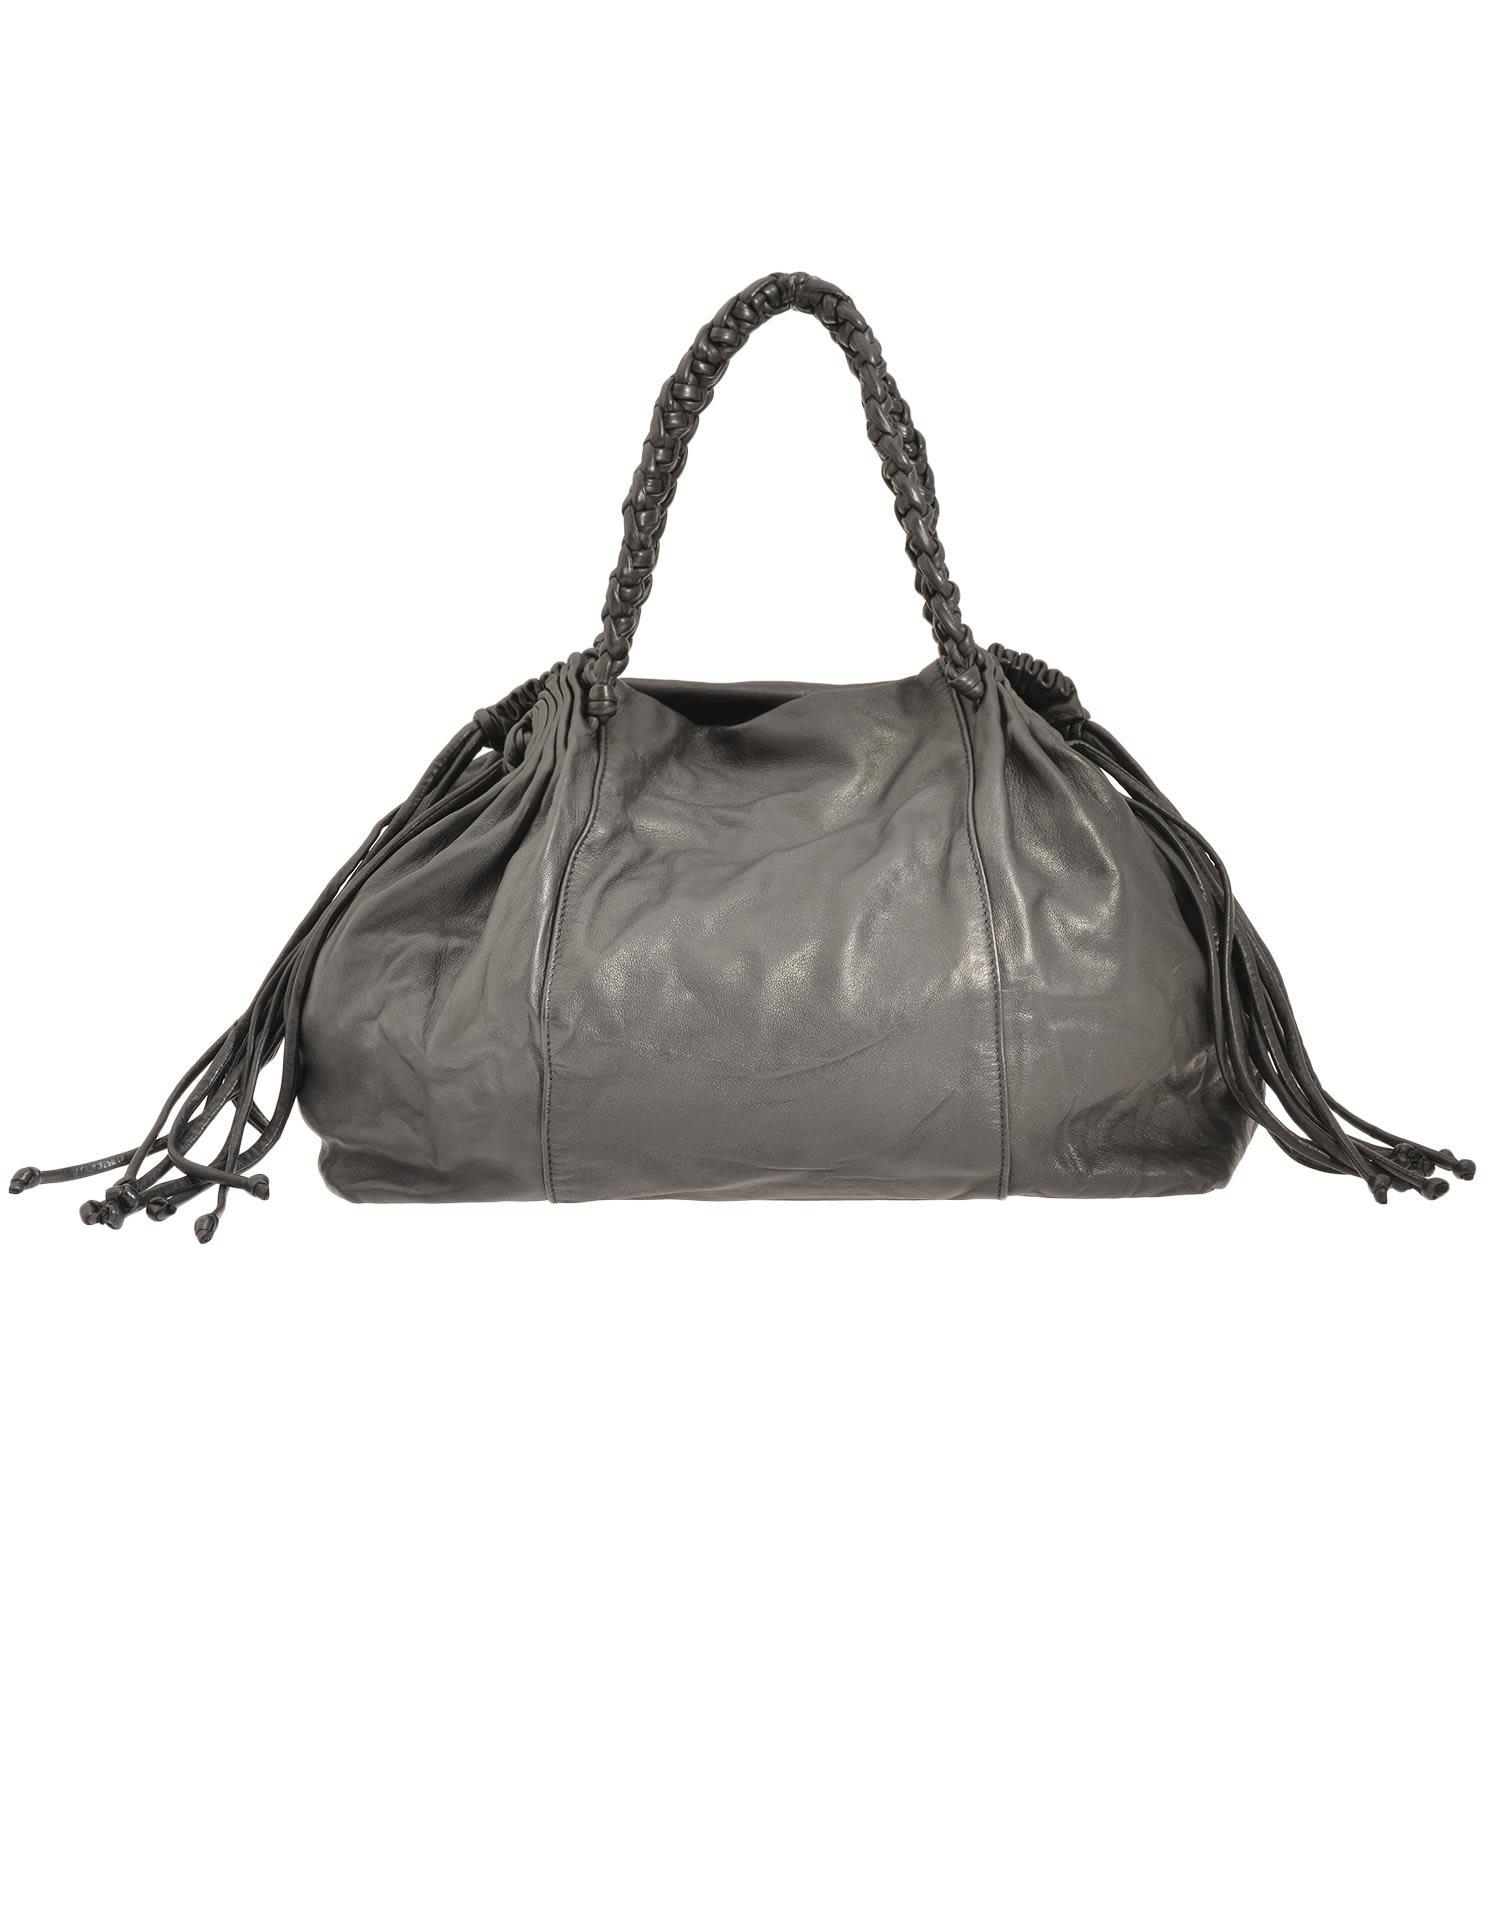 Giorgio Brato Baloon Bag In Black